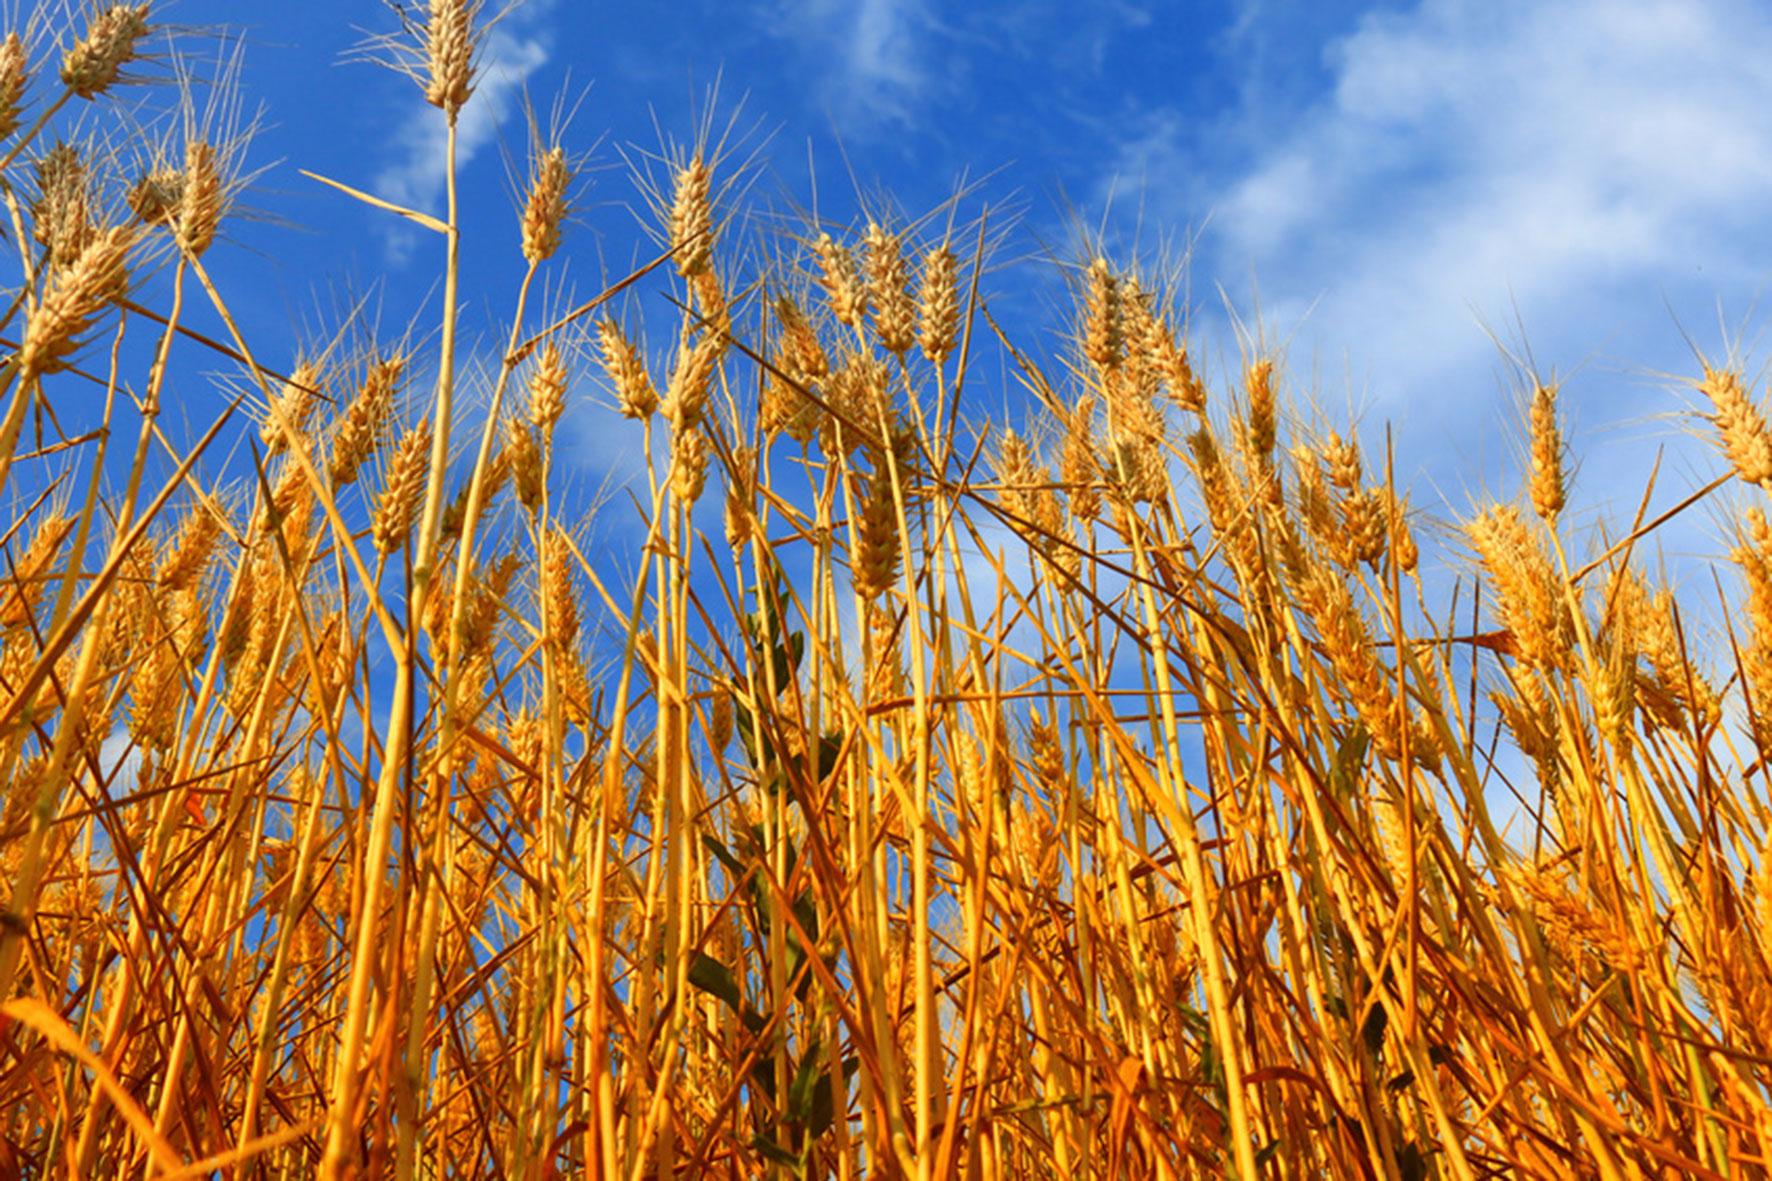 Wetter setzt Getreide zu